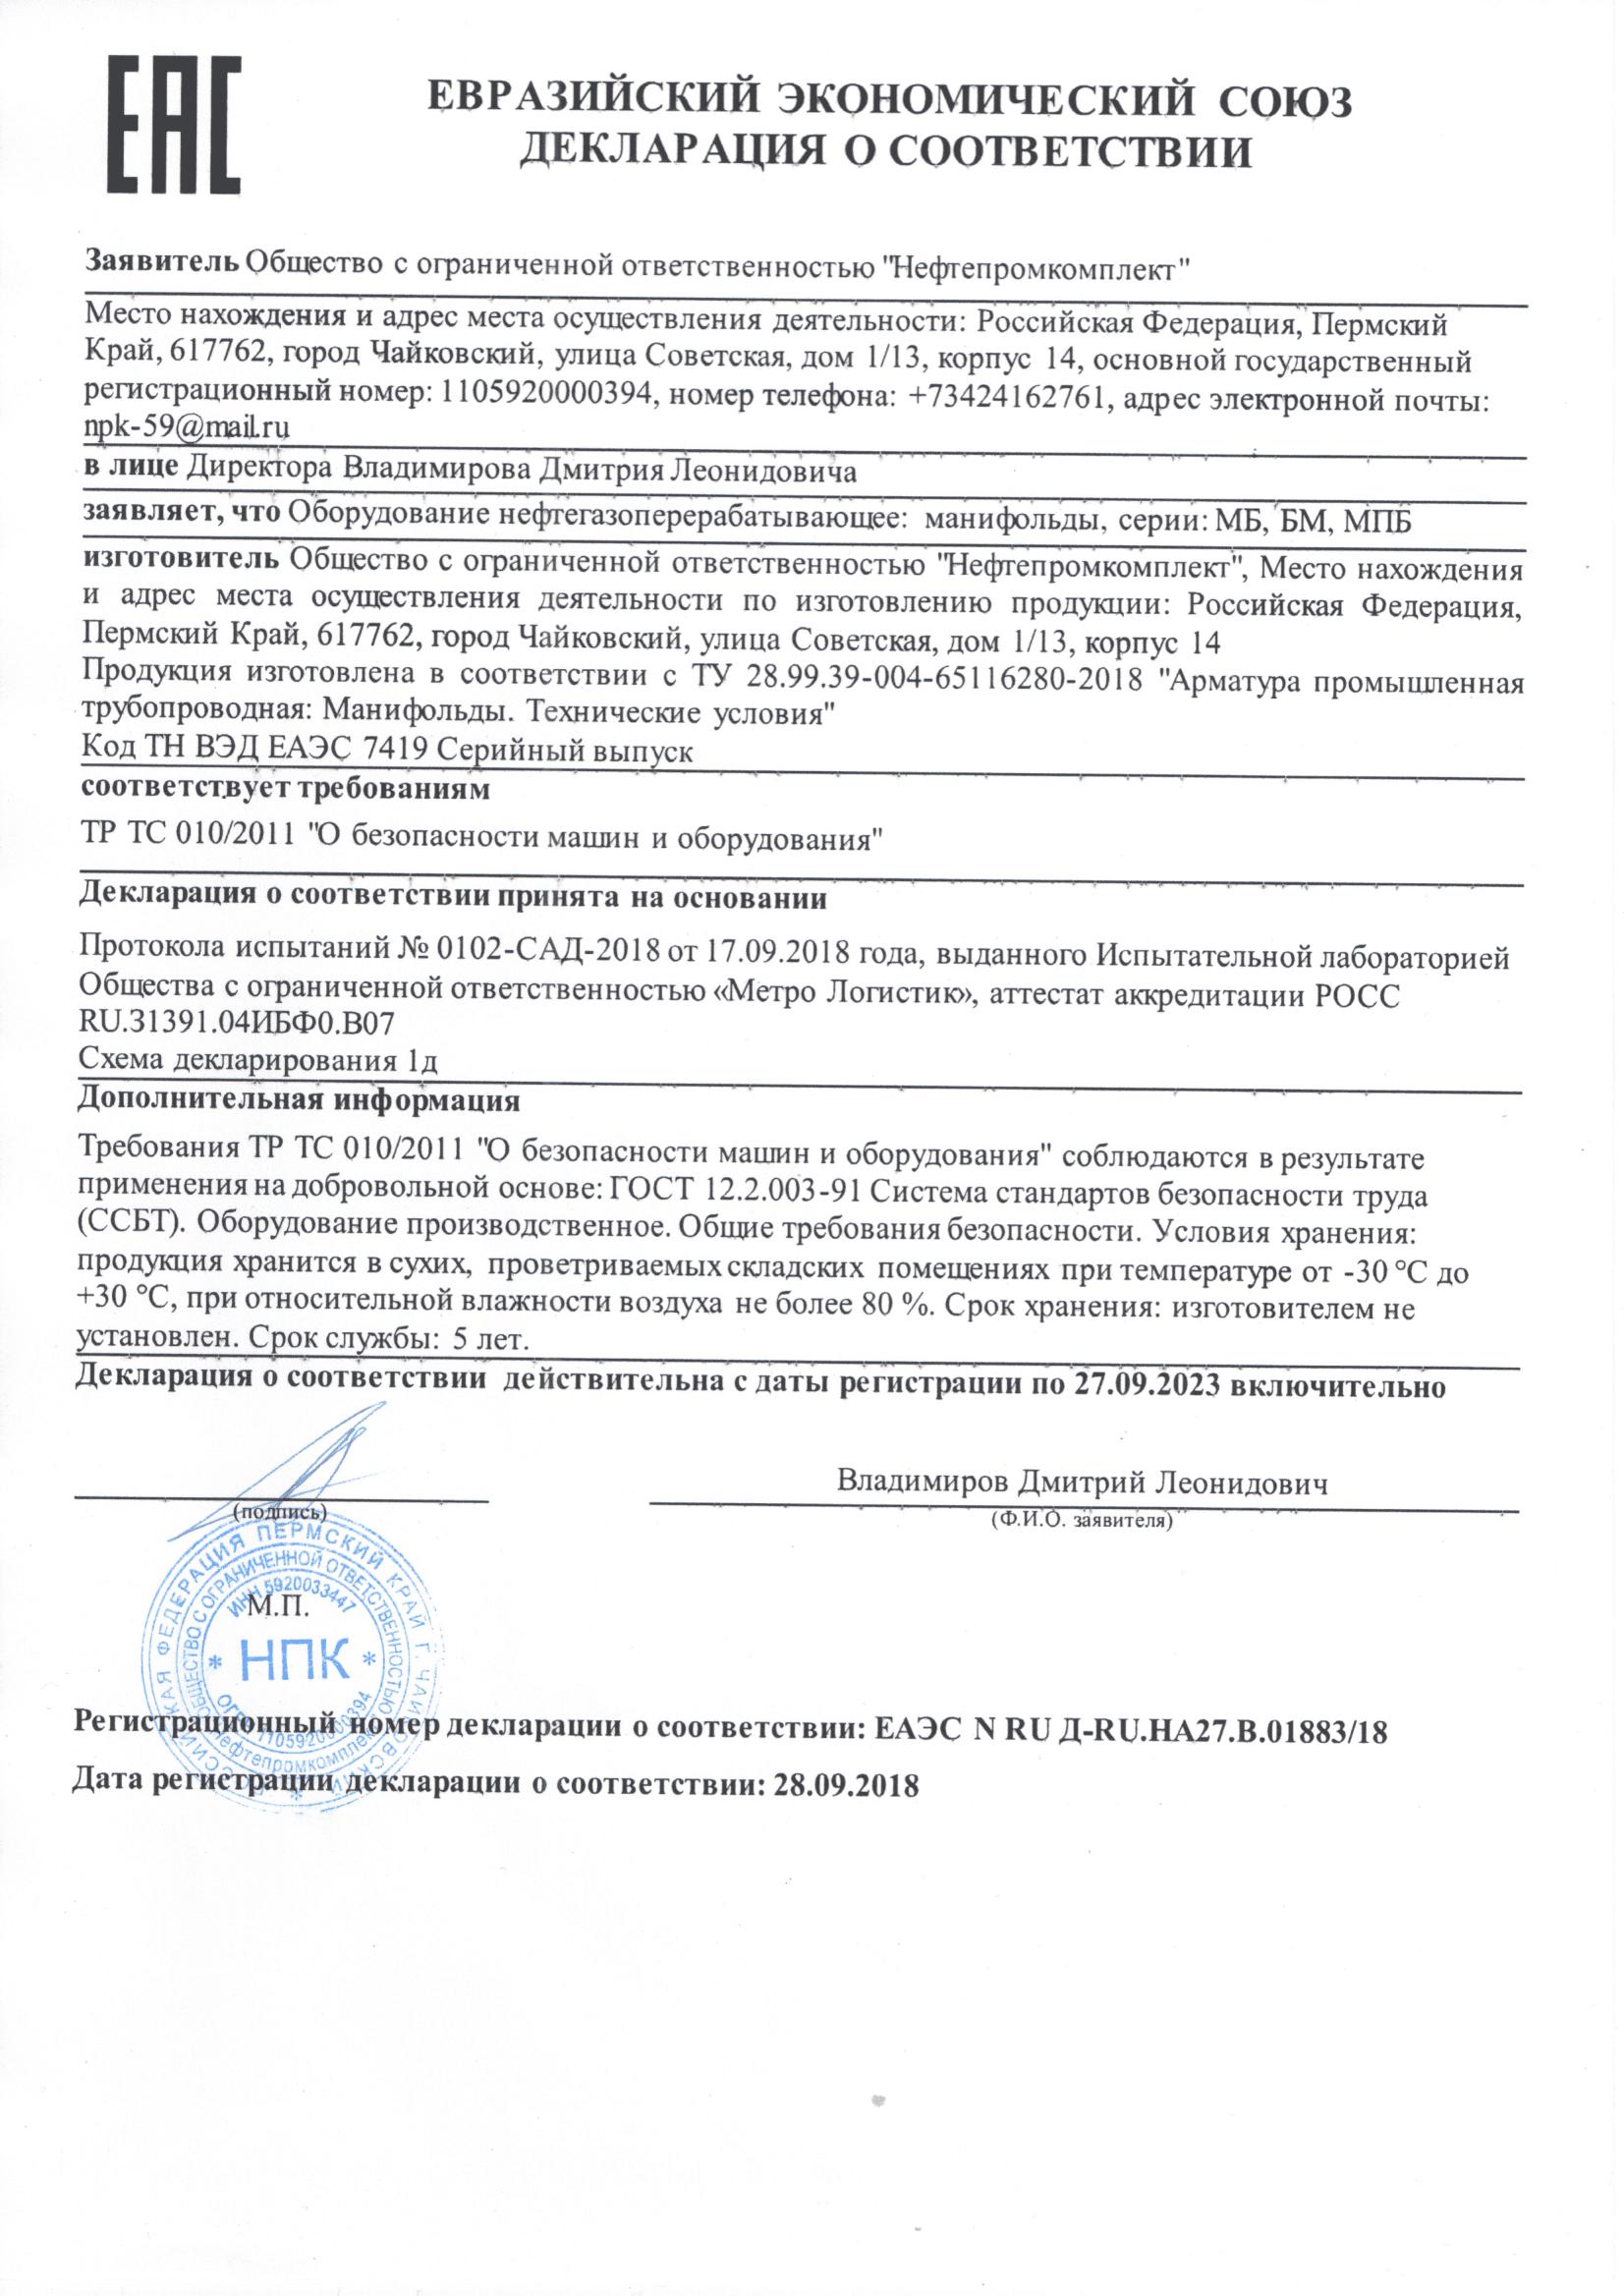 Декларация таможенного союза на манифольды